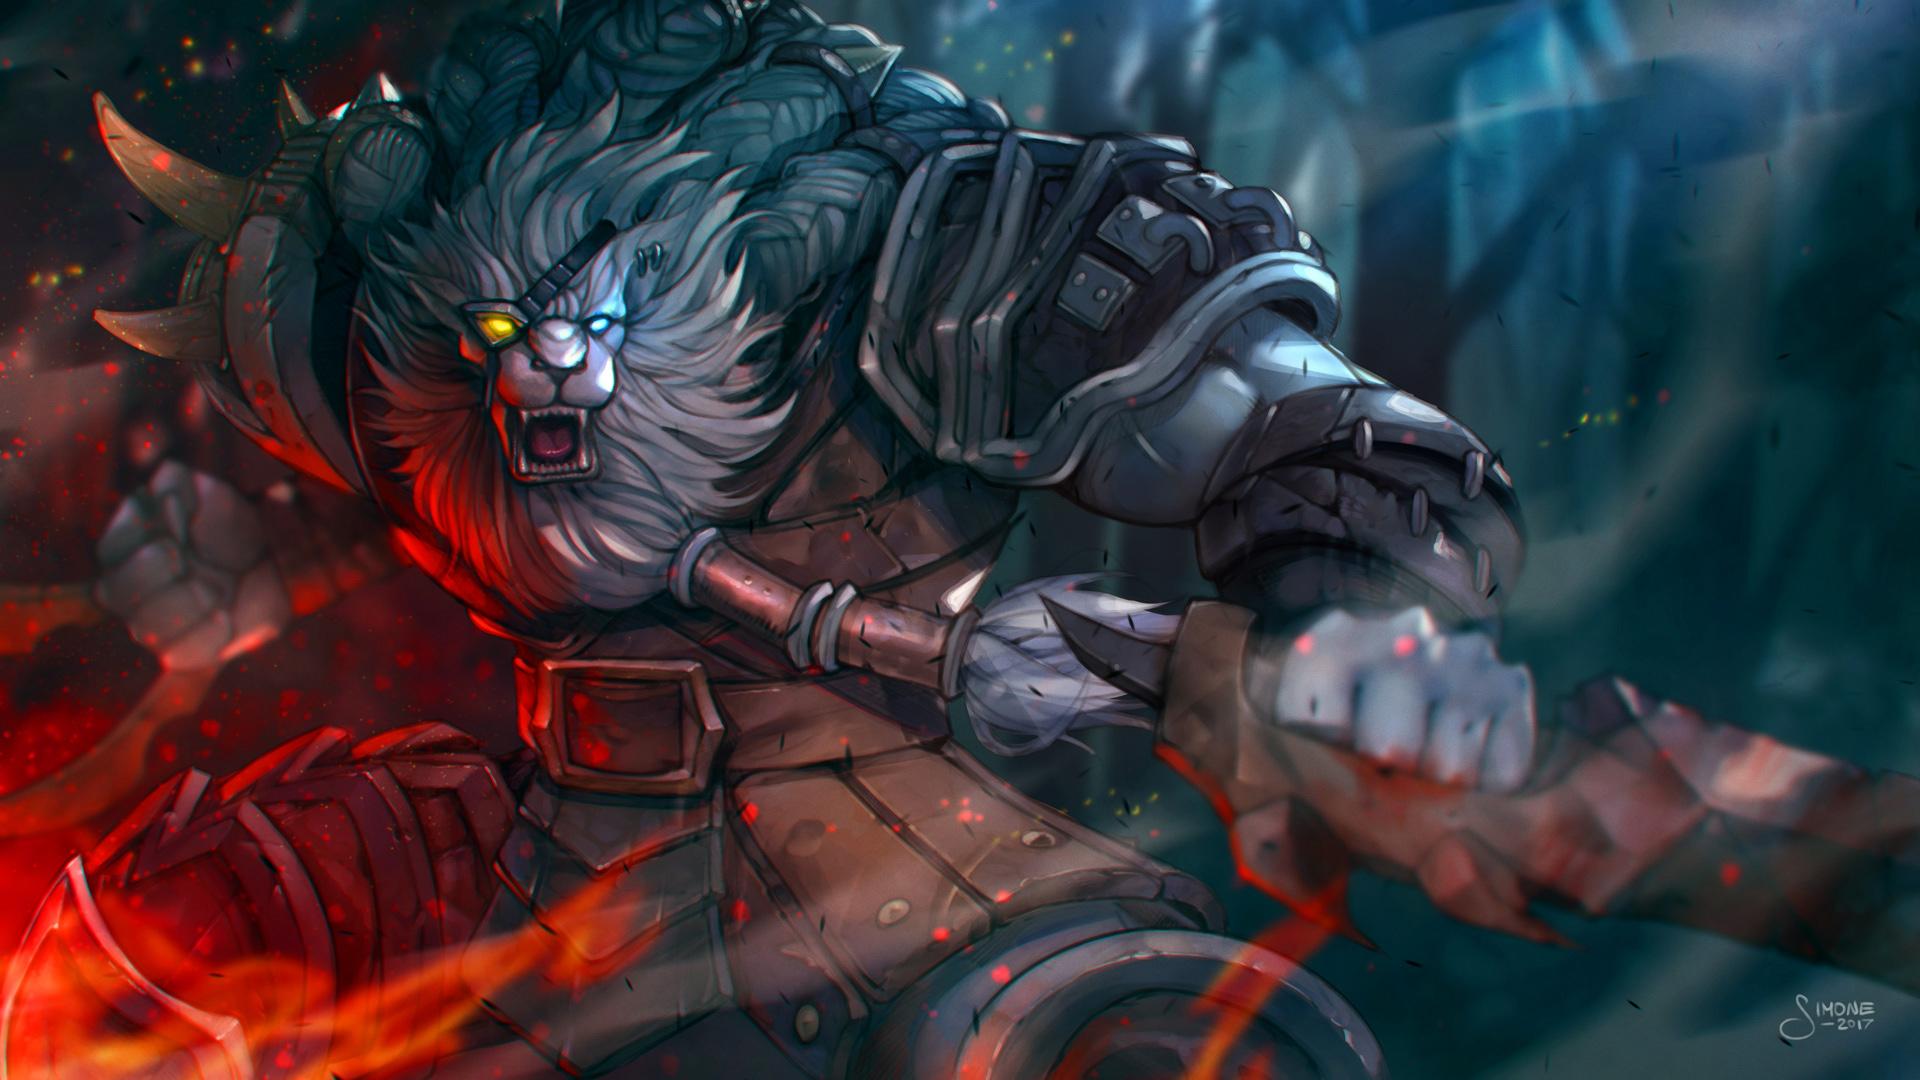 Rengar By Simoneferriero Hd Wallpaper Background Fan - League Of Legends Rengar Fan Art , HD Wallpaper & Backgrounds